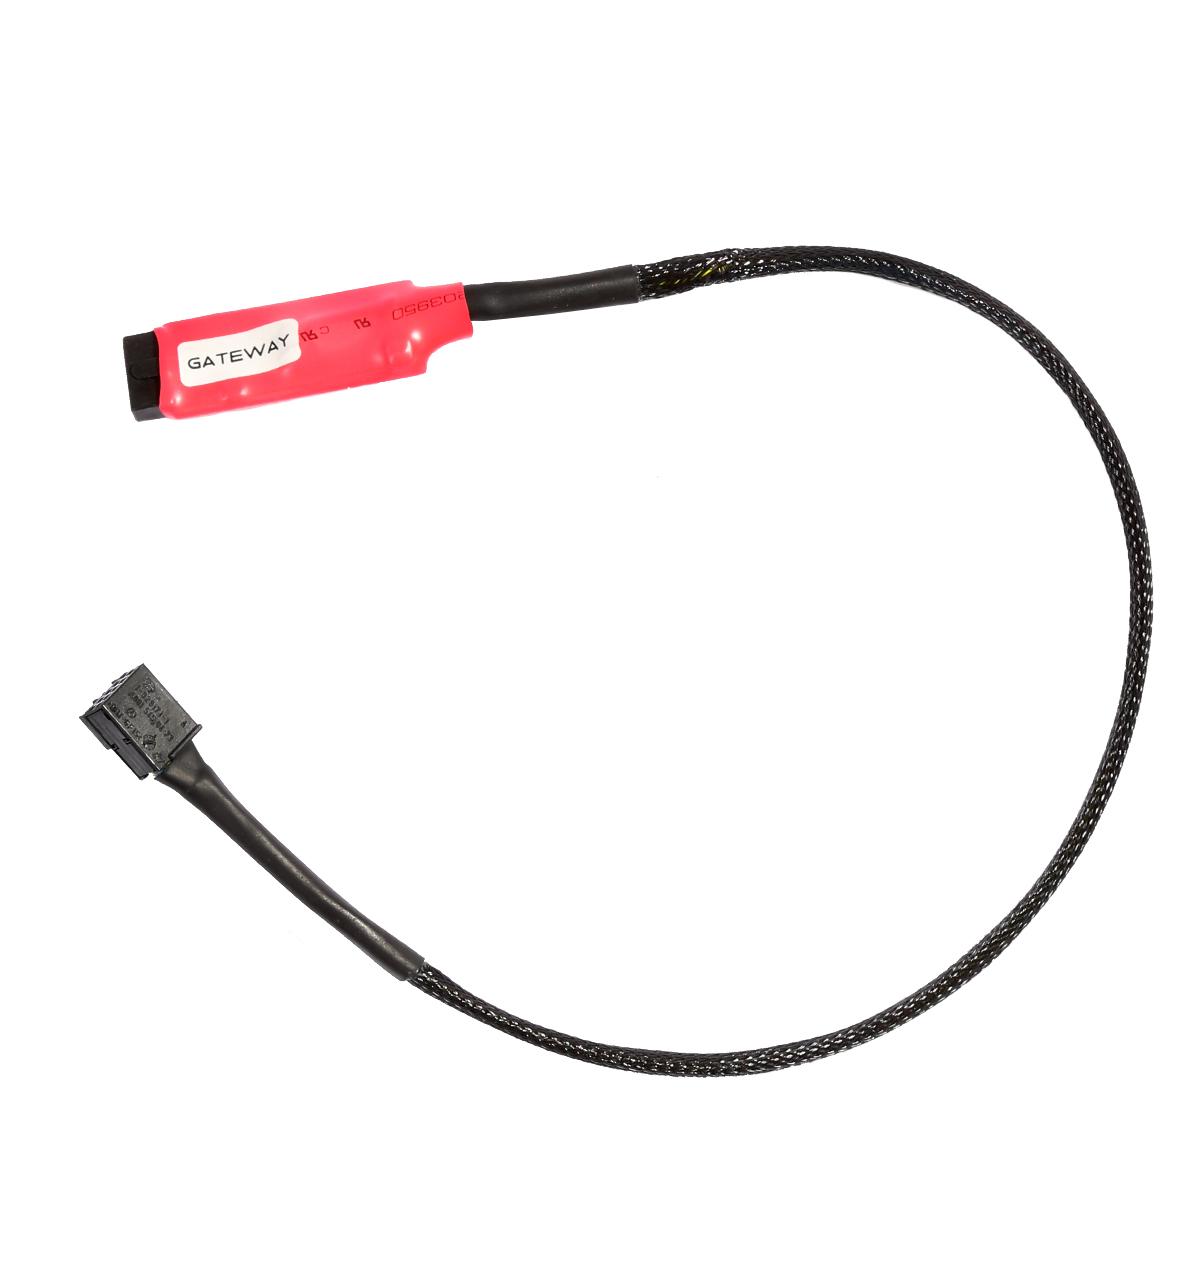 mercedes gateway cable